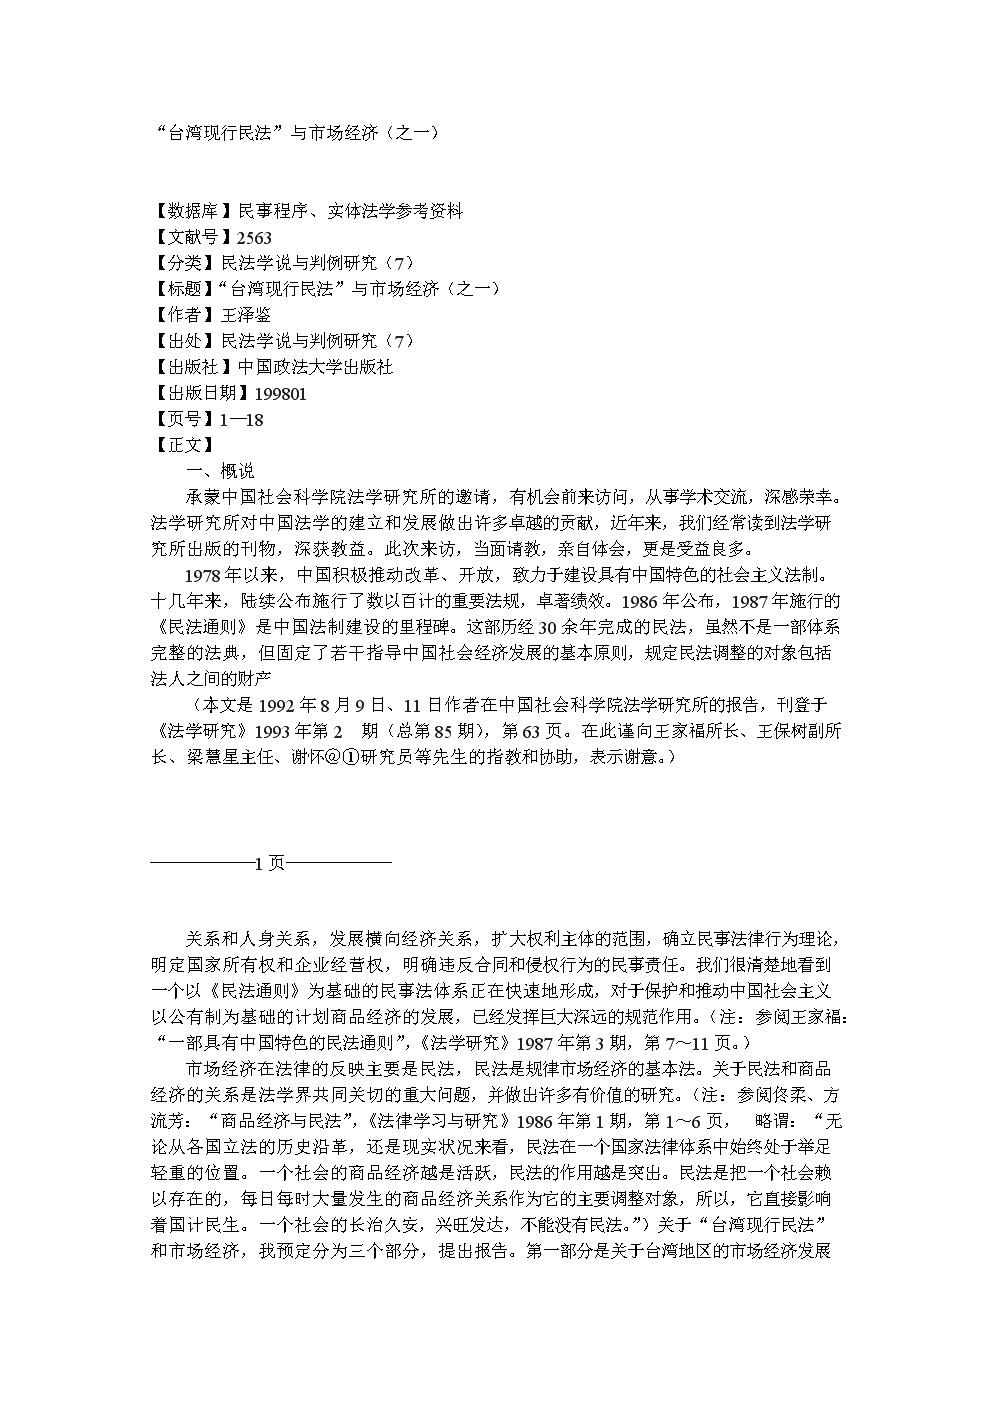 台湾现行民法.doc